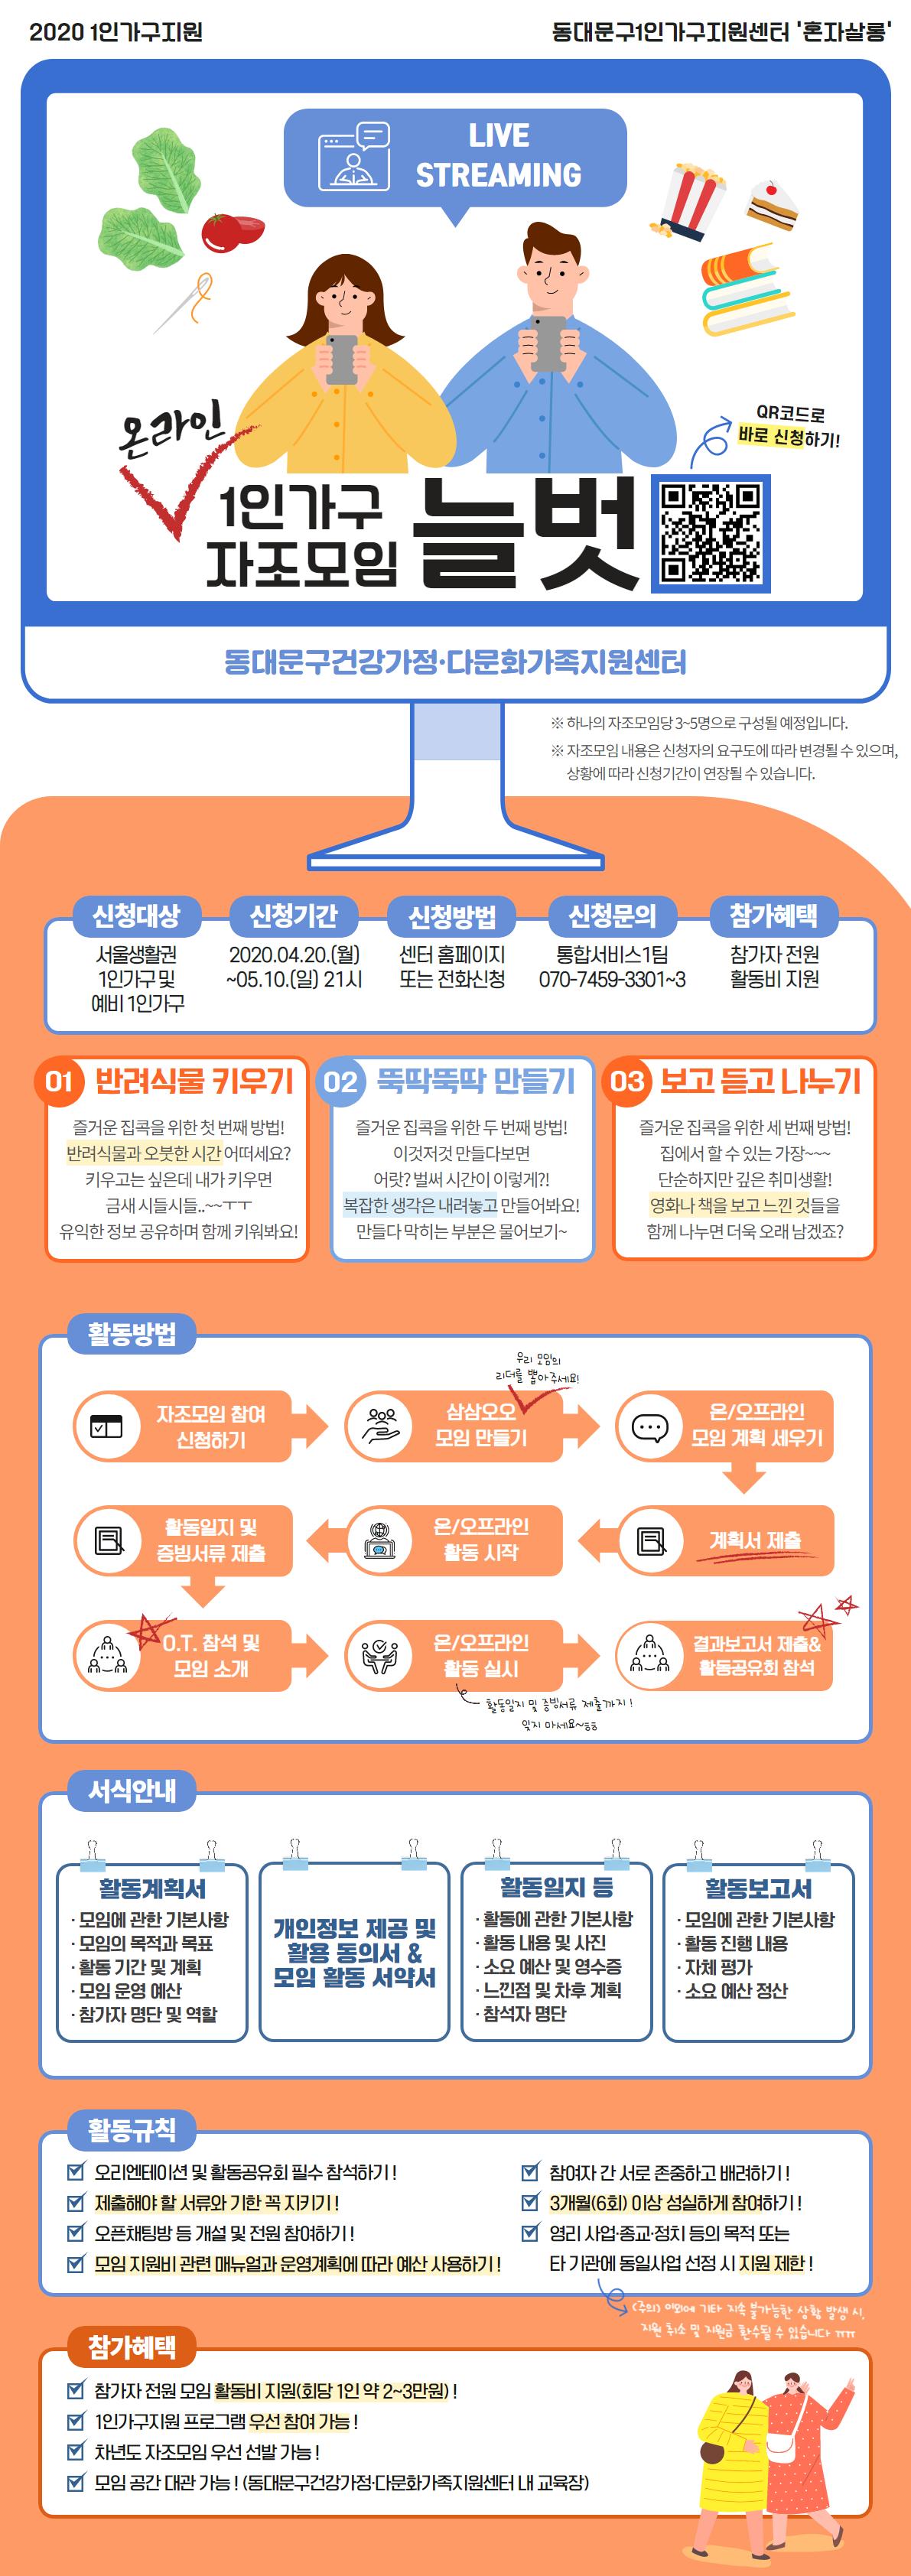 [동대문구] 2020 1인가구 온라인 자조모임 '늘벗'